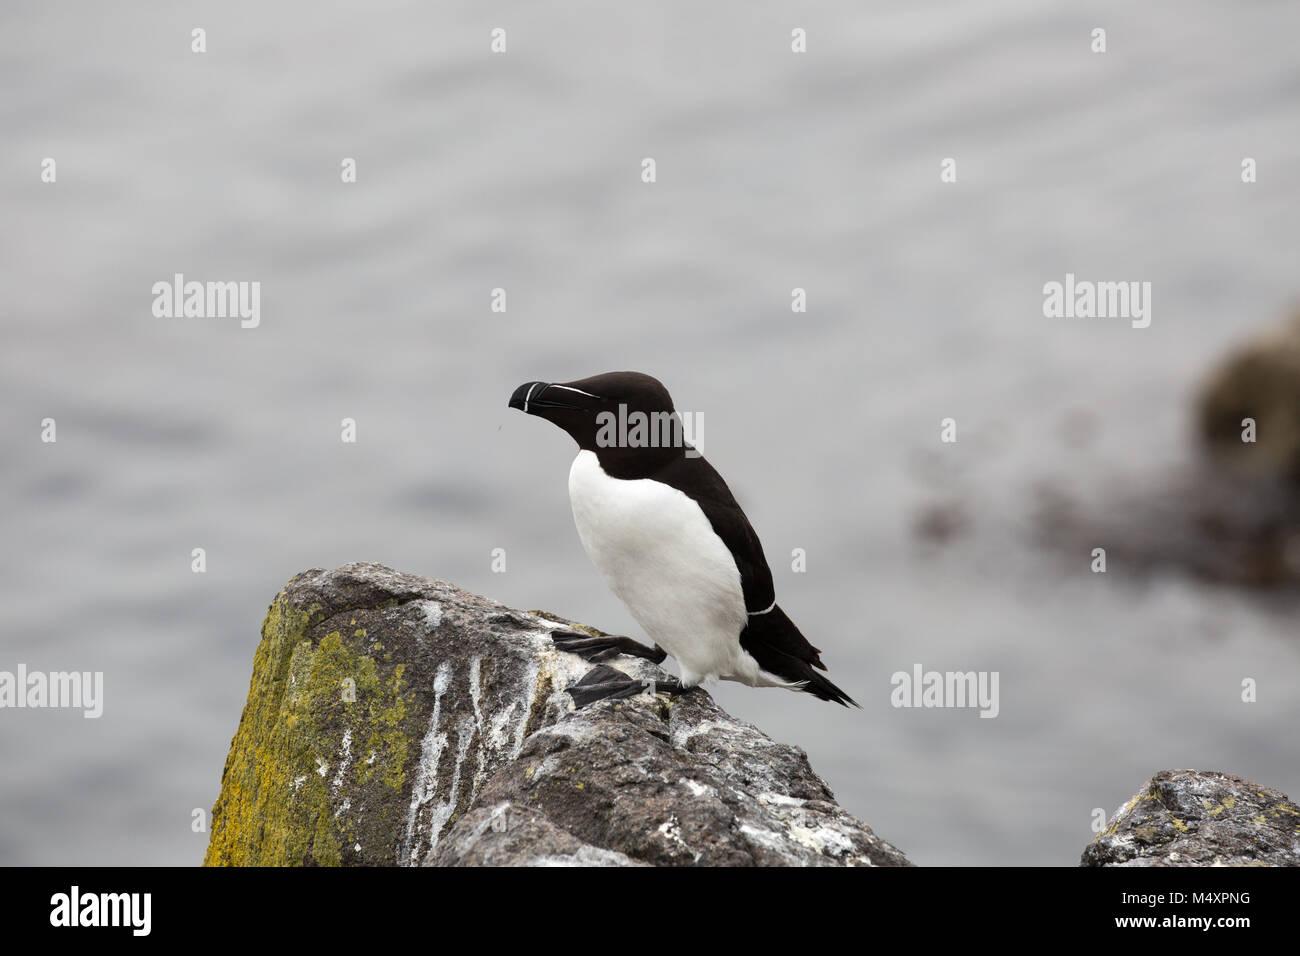 Las aves en la isla de mayo frente a la costa de Fife en el Firth of Forth, Escocia, a 45 minutos en barco de Anstruther. Imagen De Stock